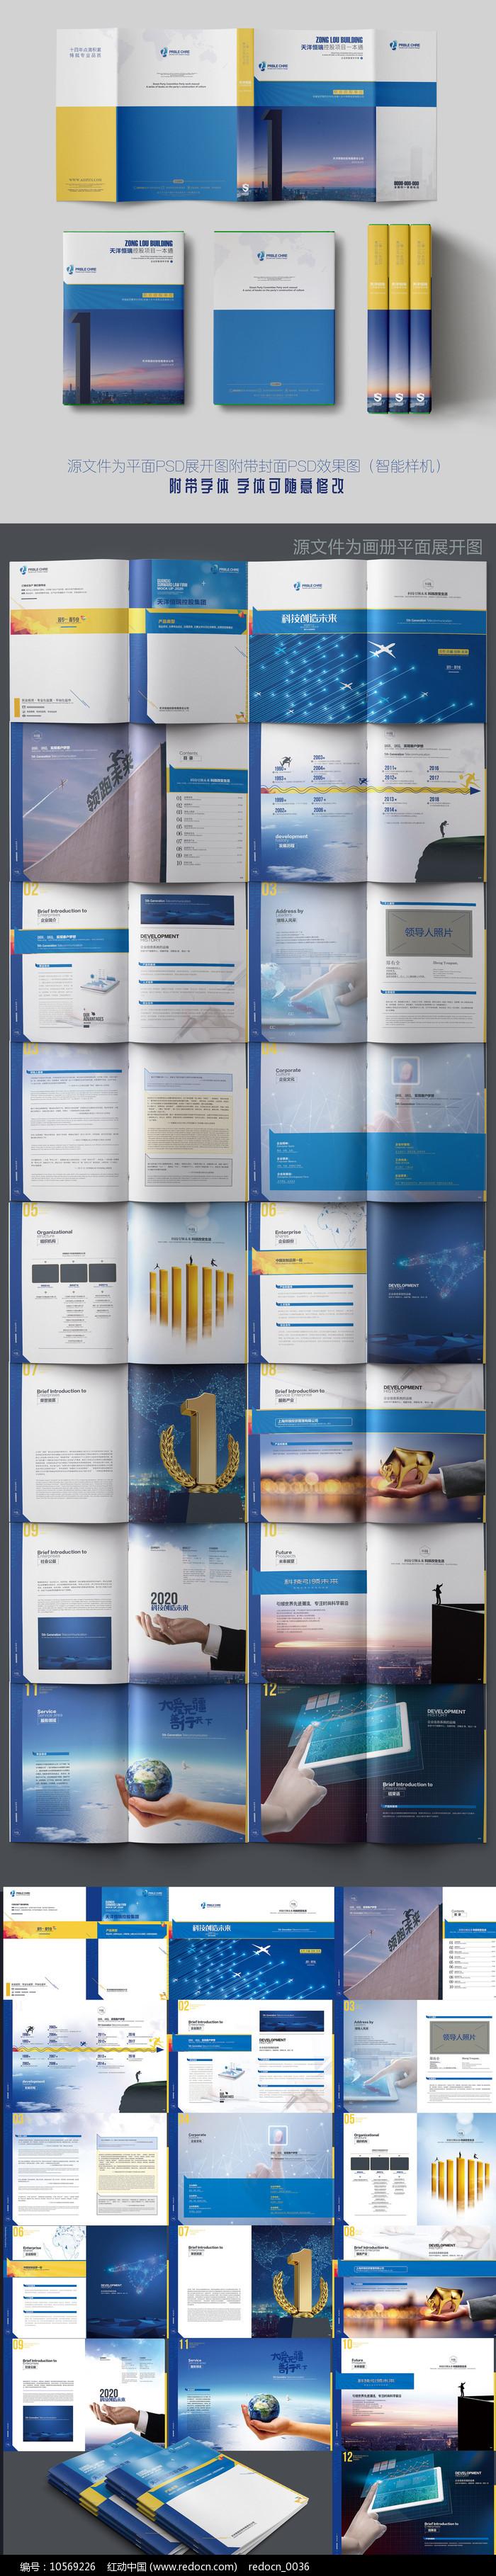 大气科技画册设计图片